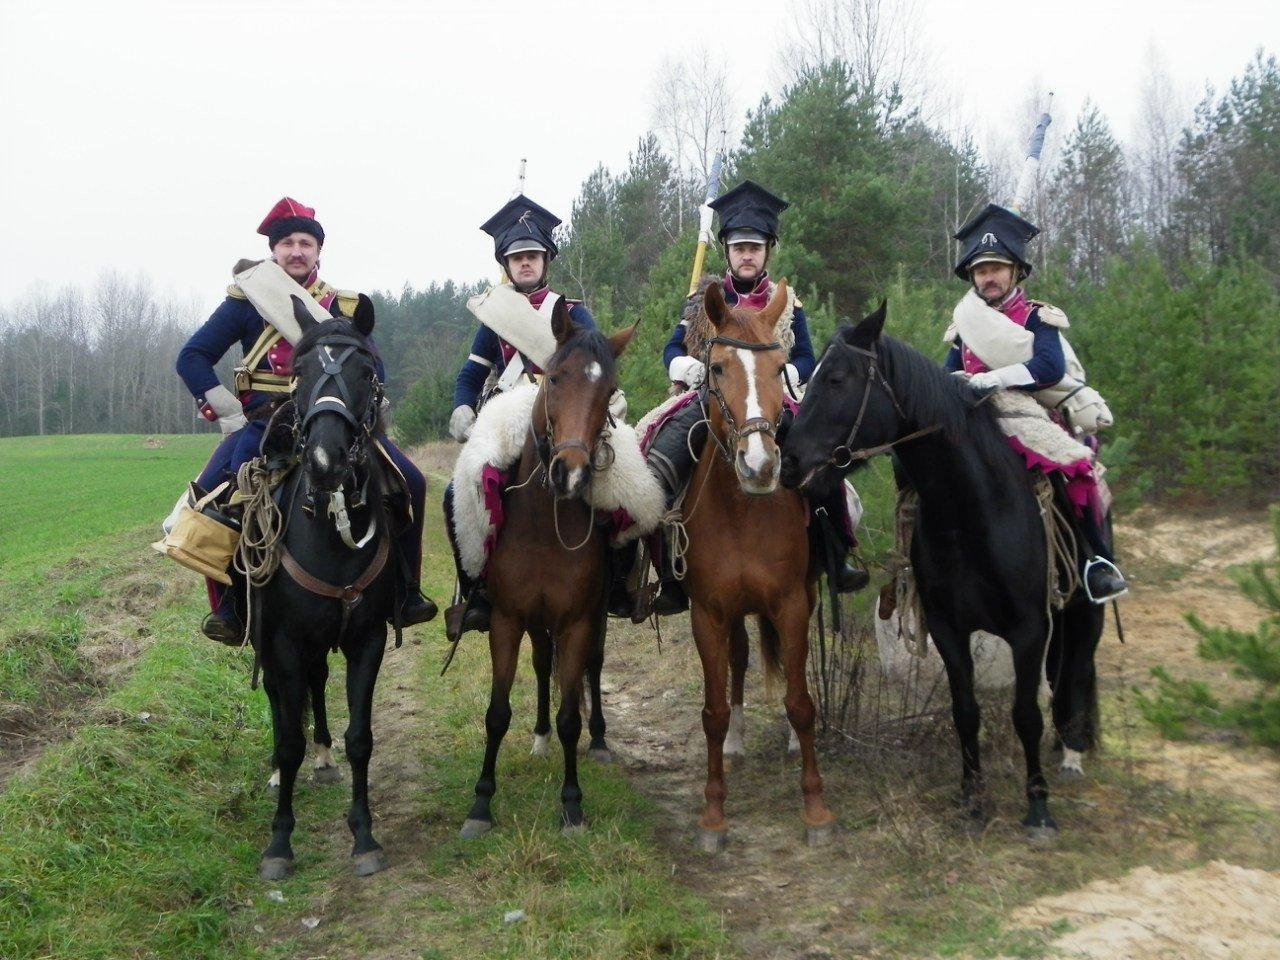 Военная историческая реконструкция без лошадей практически невозможна - ведь все сражения происходили верхом